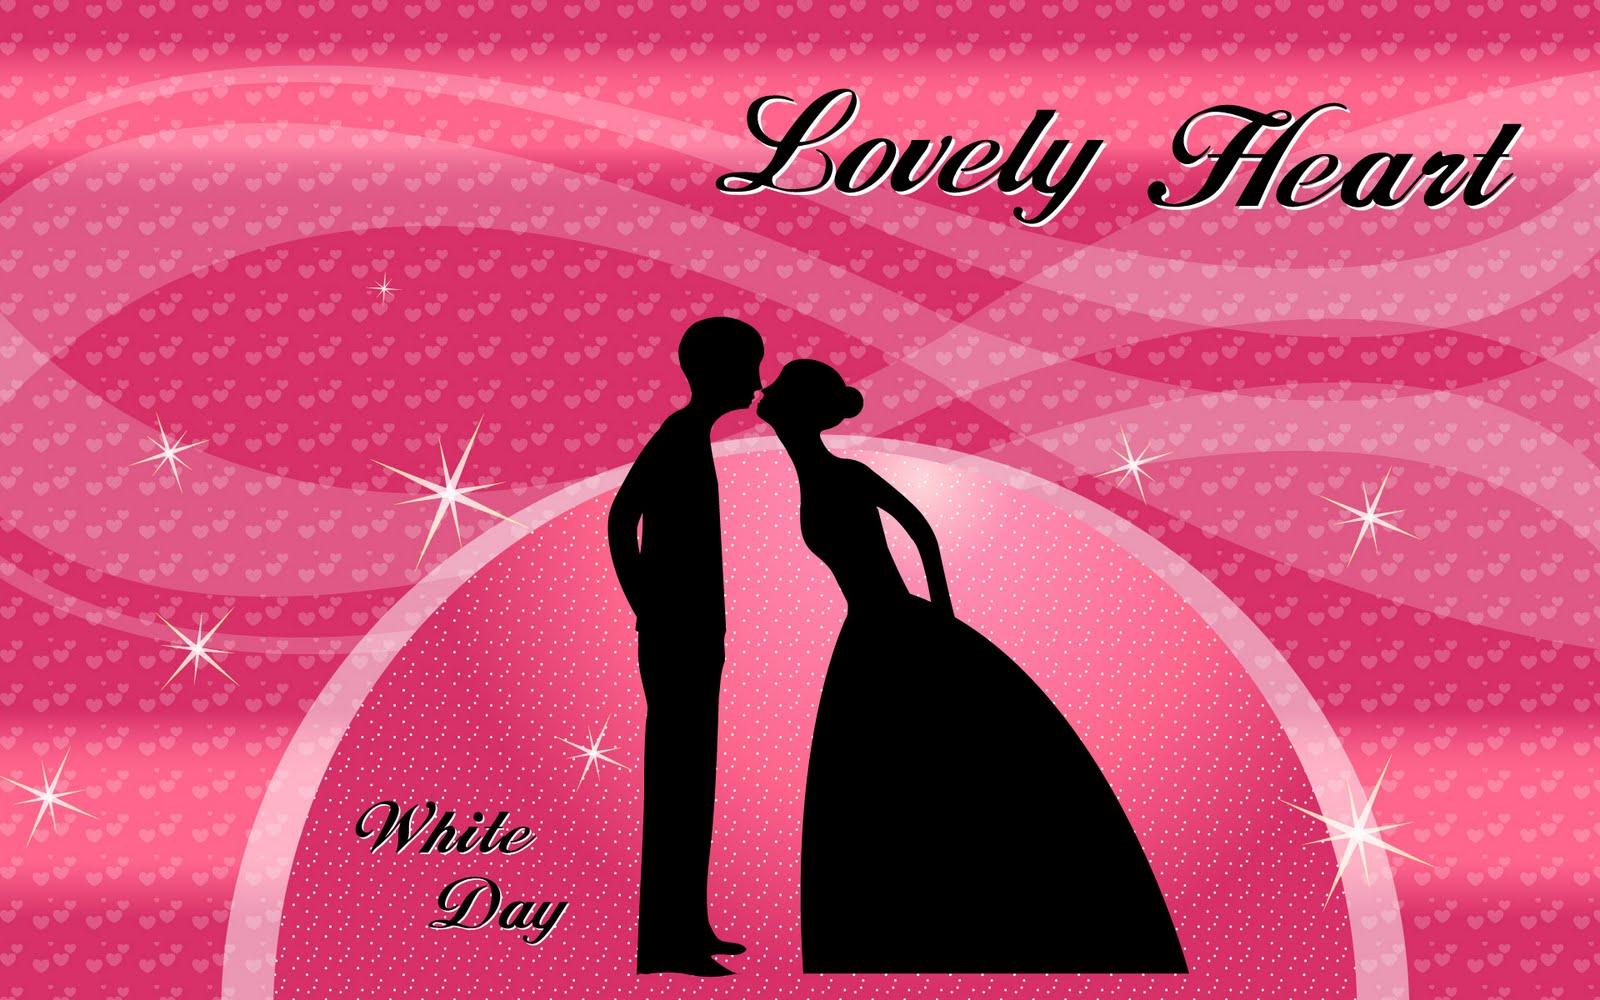 http://2.bp.blogspot.com/-bliljhdIRAU/TlsGE5tAFNI/AAAAAAAAA0w/R1TF02sOqAM/s1600/kiss-wallpaper.jpg